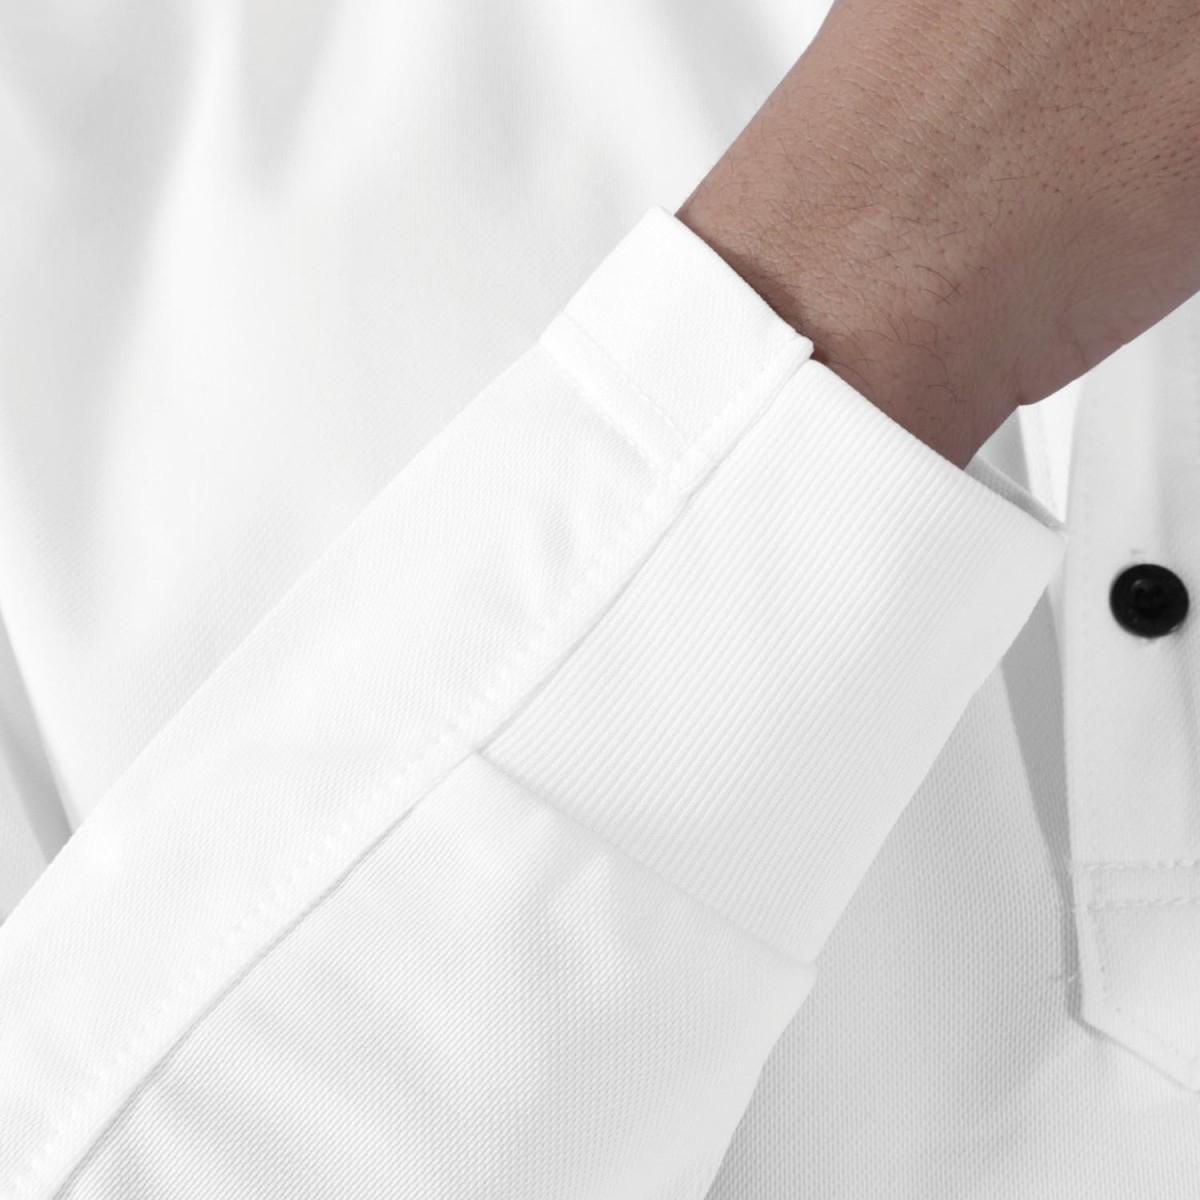 TS DESIGN 81305 ワークニットロングポロシャツ 袖口にリブを採用。袖を上げてもずれにくいです。